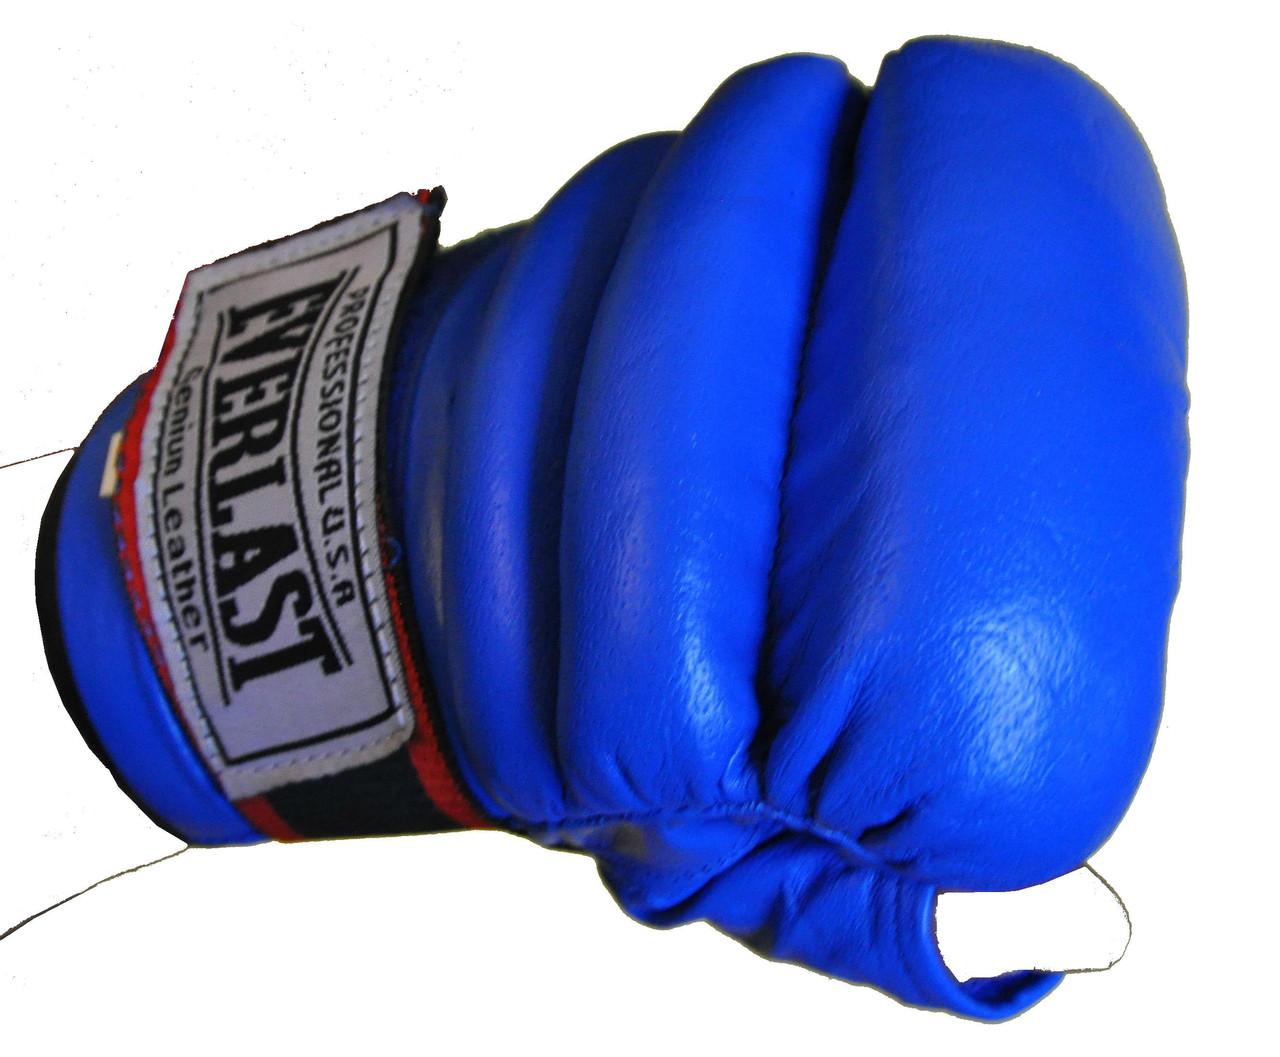 Рукавички бойові Full Contact з еластичною манжетою на липучці Шкіра ELAST VL-01045-B(L) (р-р L, синій)